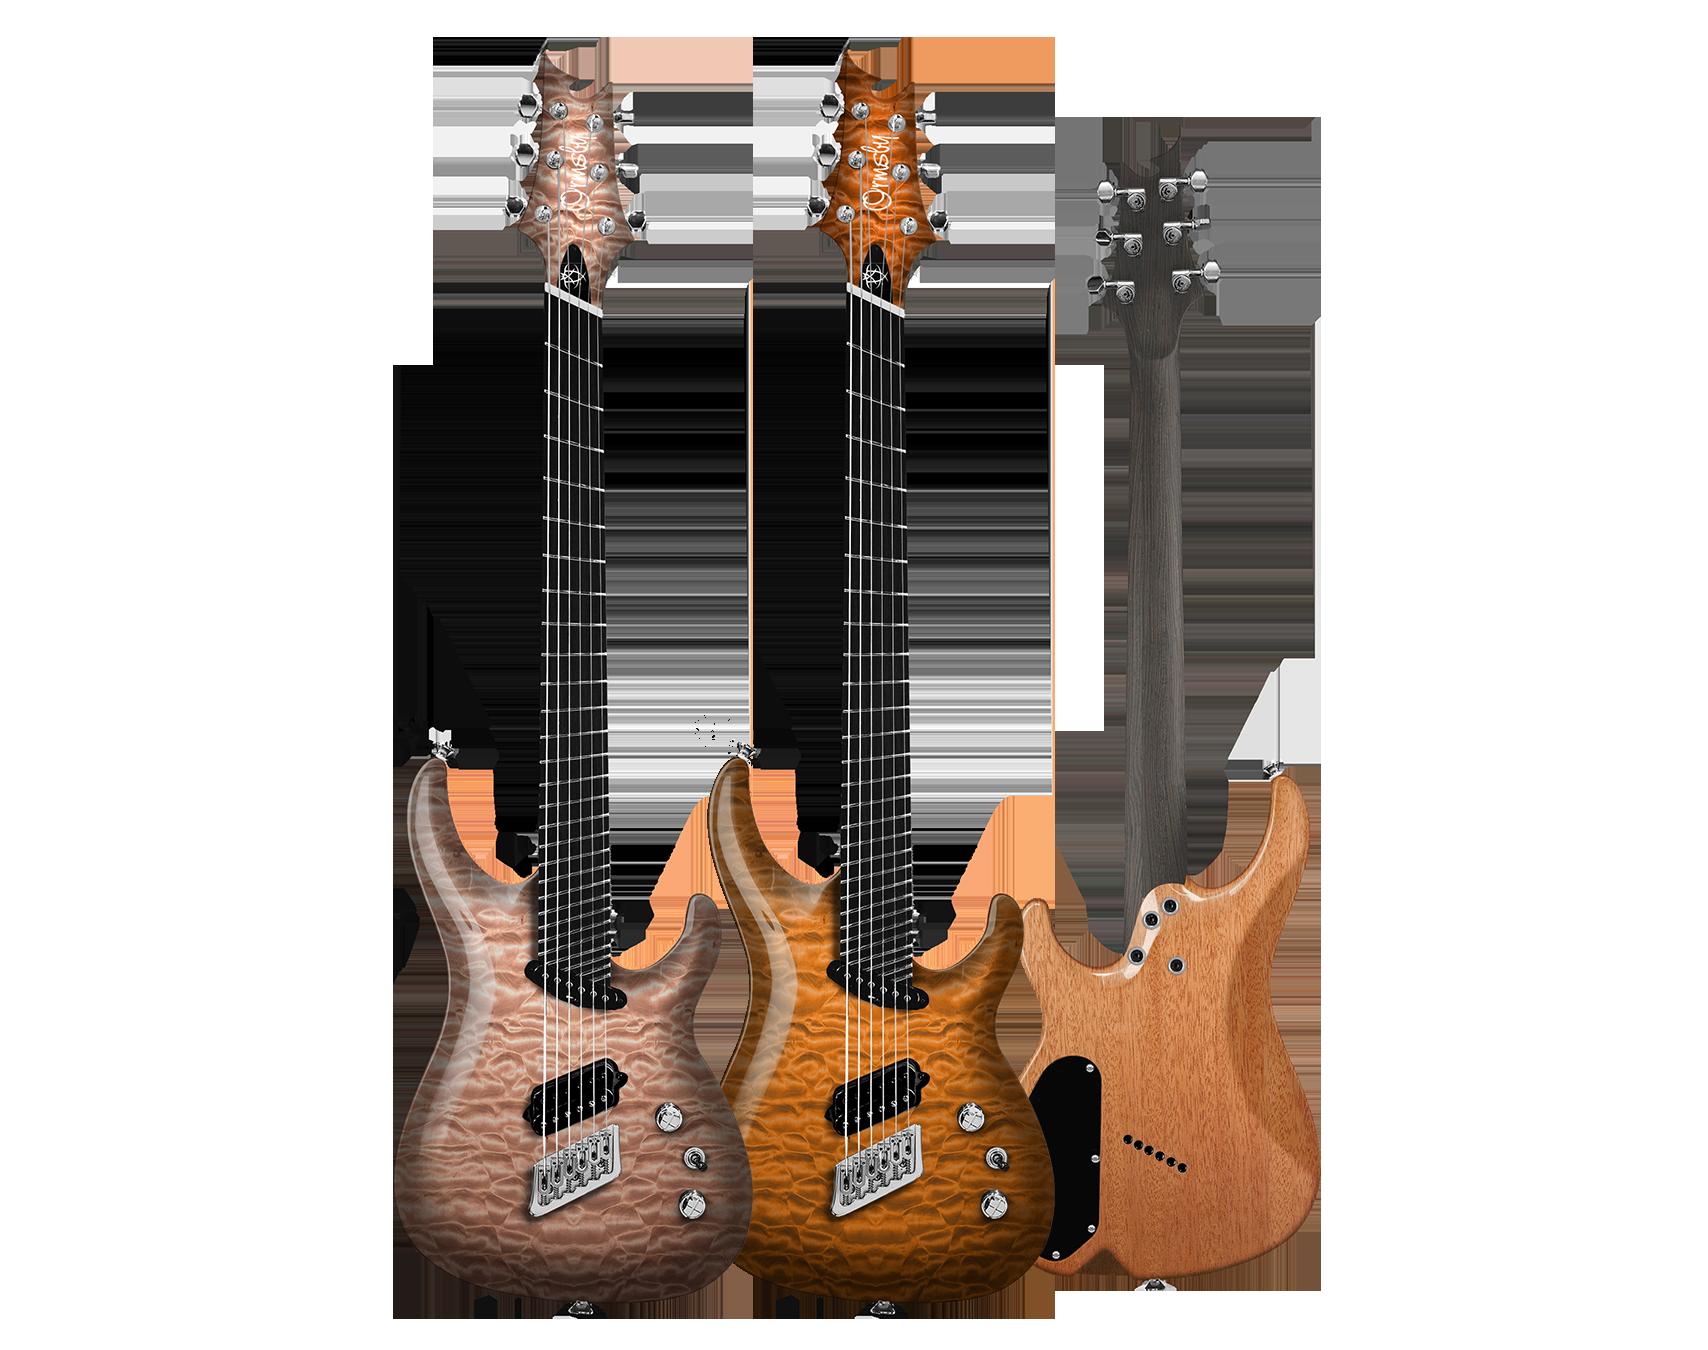 Ormsby Guitars Run 15 Joe Haley SX